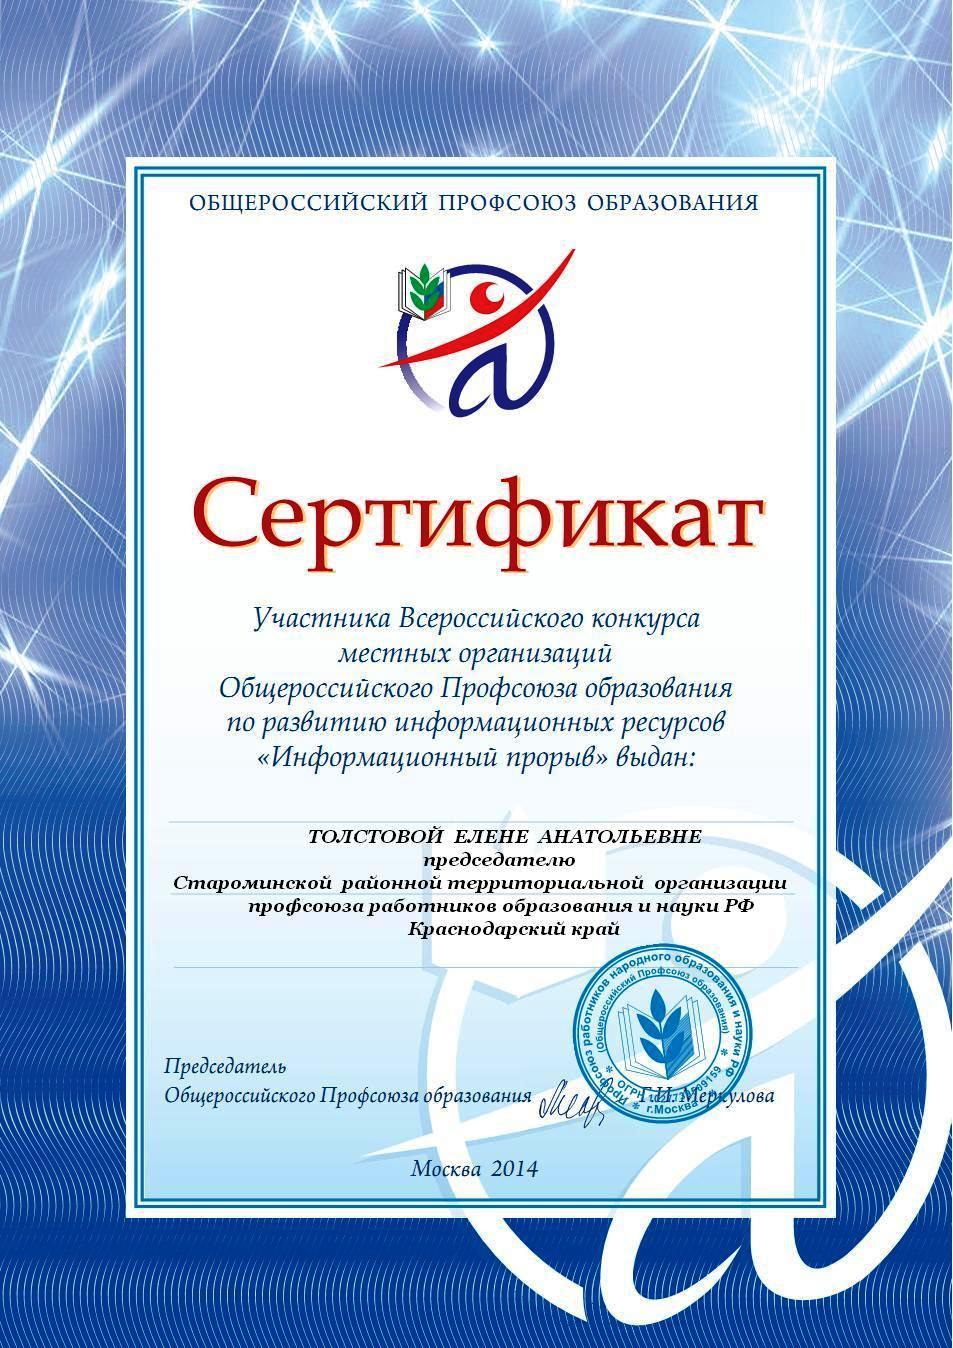 Сертификат Всероссийского конкурса «Информационный прорыв»